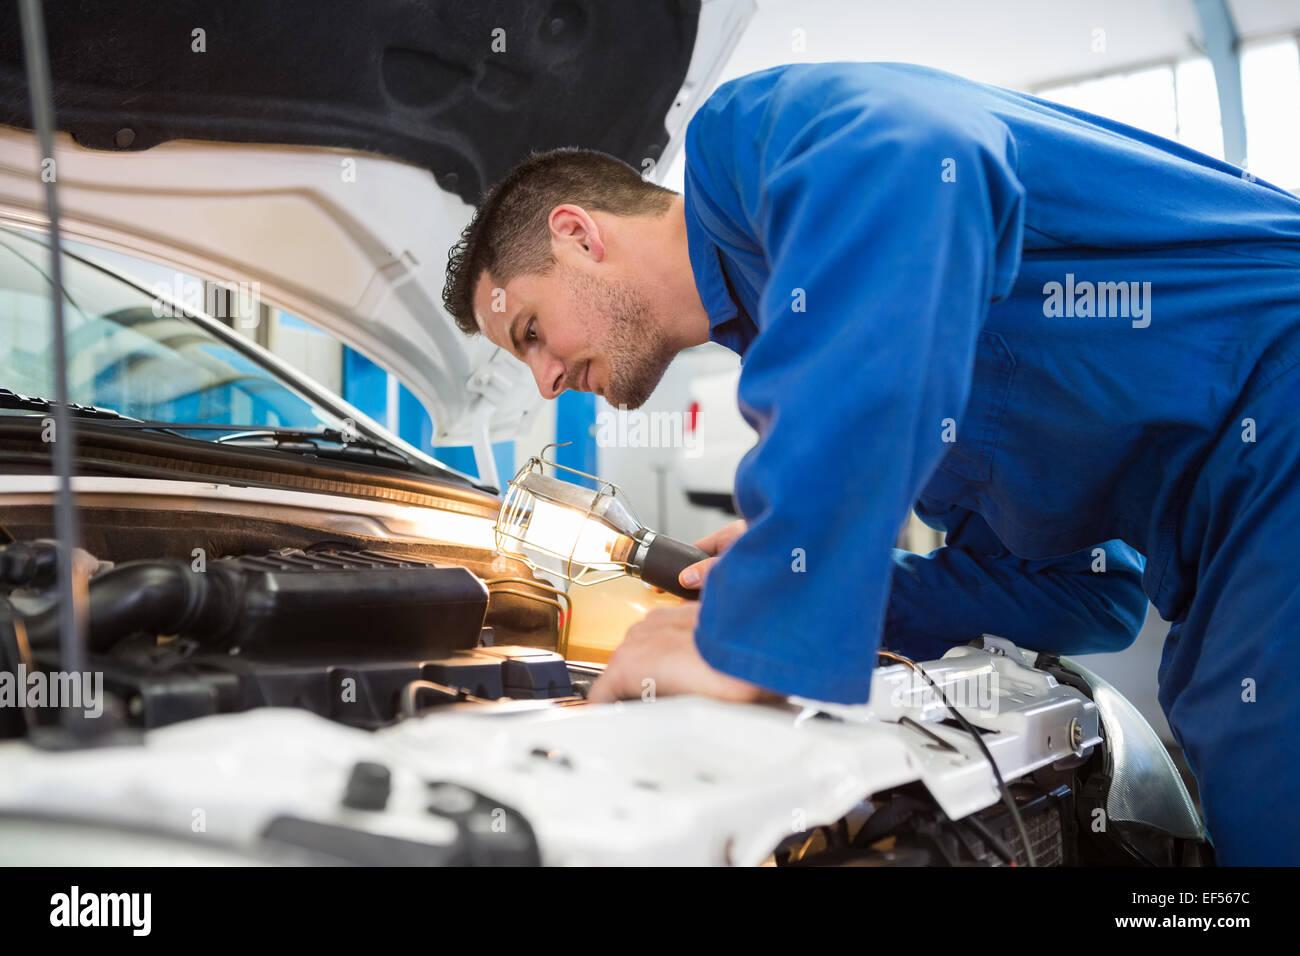 Mechanische Prüfung unter der Motorhaube des Autos mit Fackel Stockbild